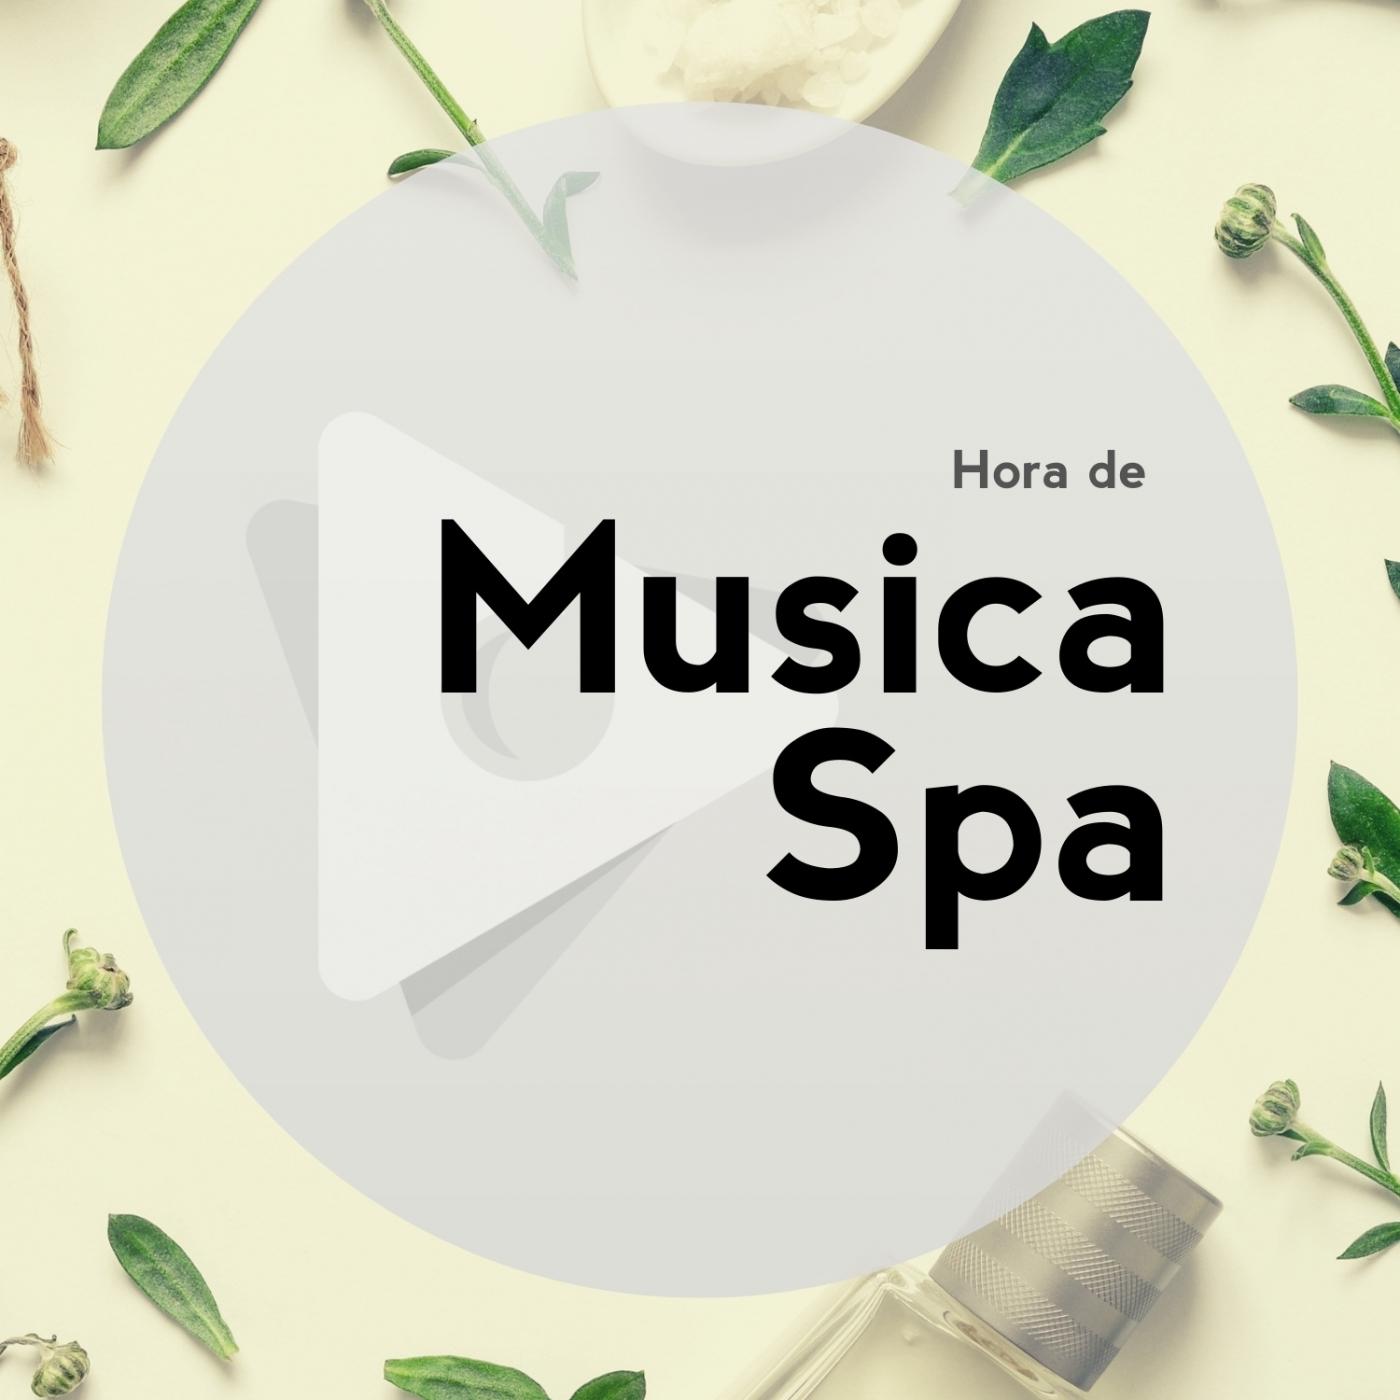 Hora de Música Spa